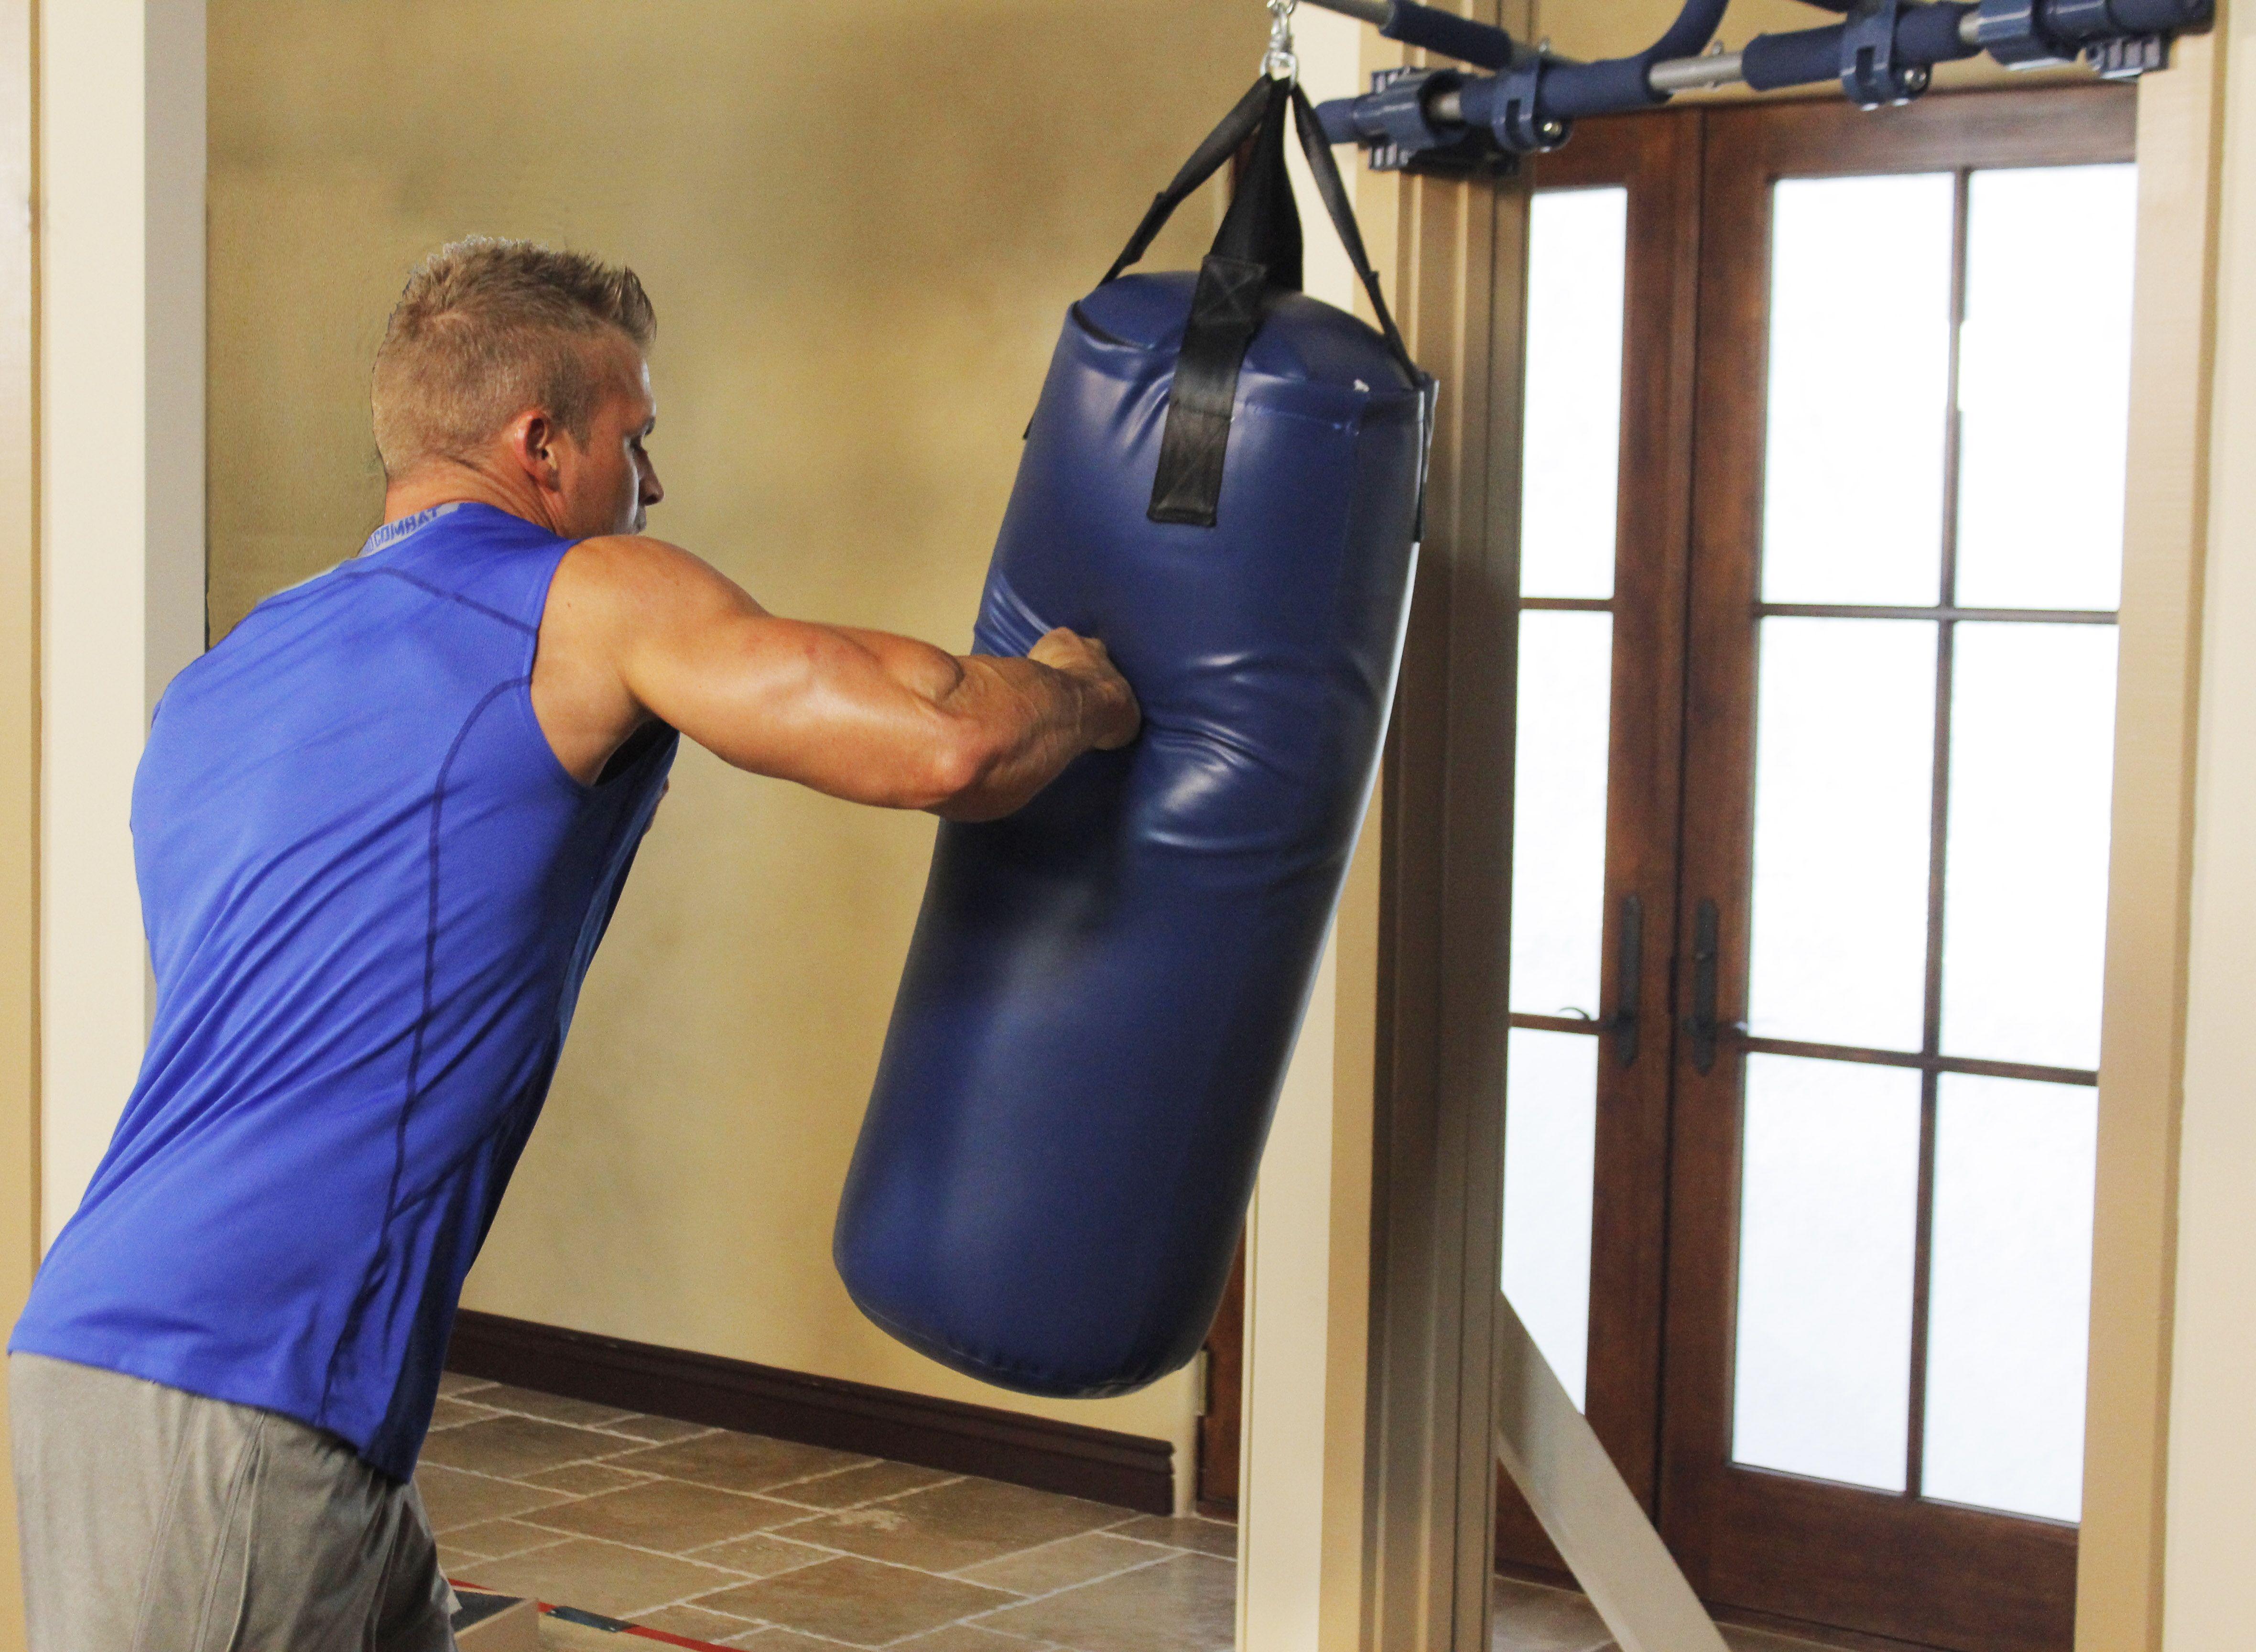 Совет 1: Как сделать боксёрскую грушу в домашних условиях 11